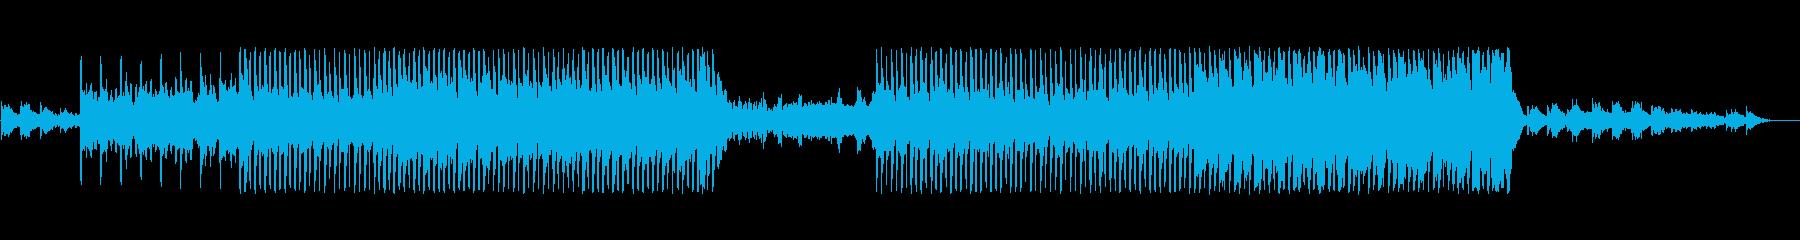 シンセリードが印象的なスローな四つ打ちの再生済みの波形